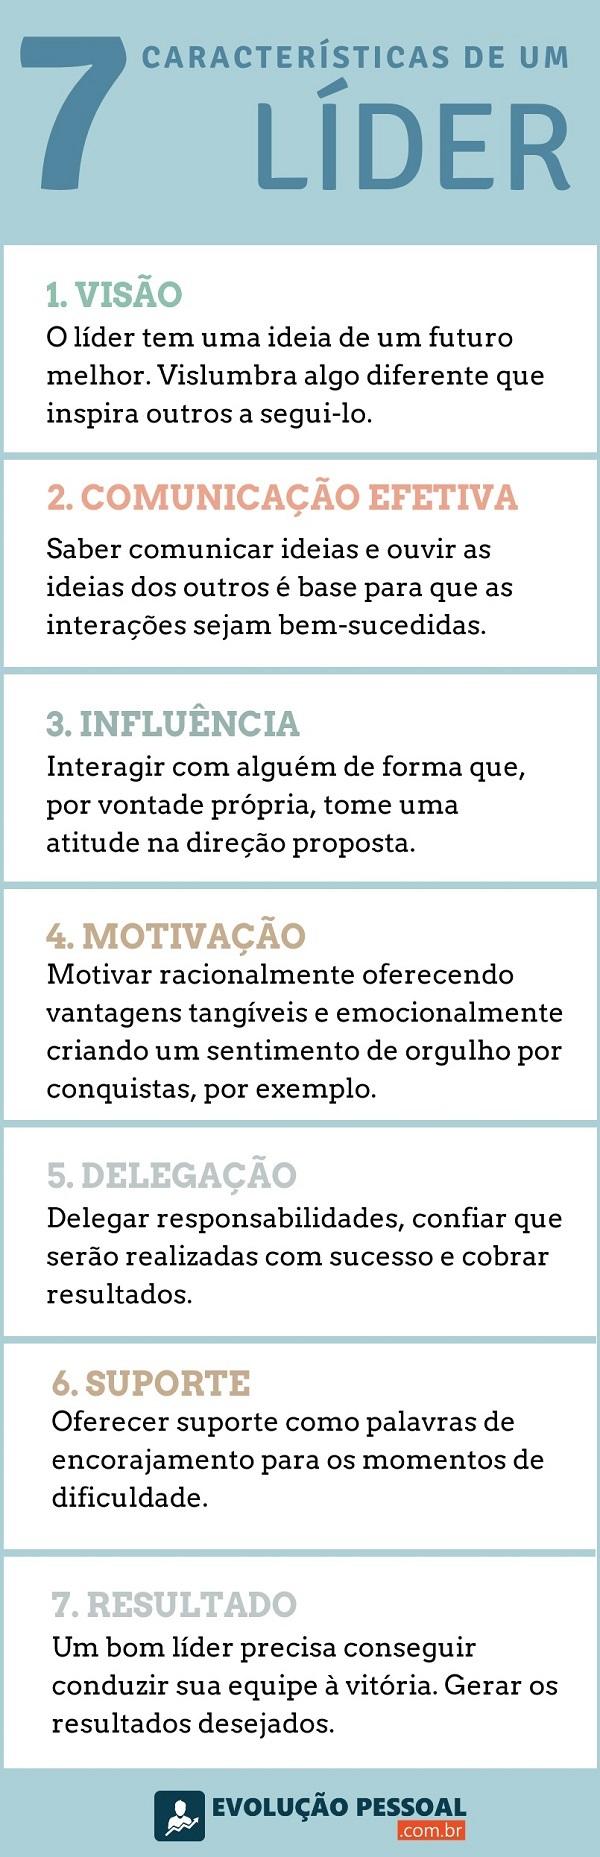 Quais as Principais Características de Um Líder?